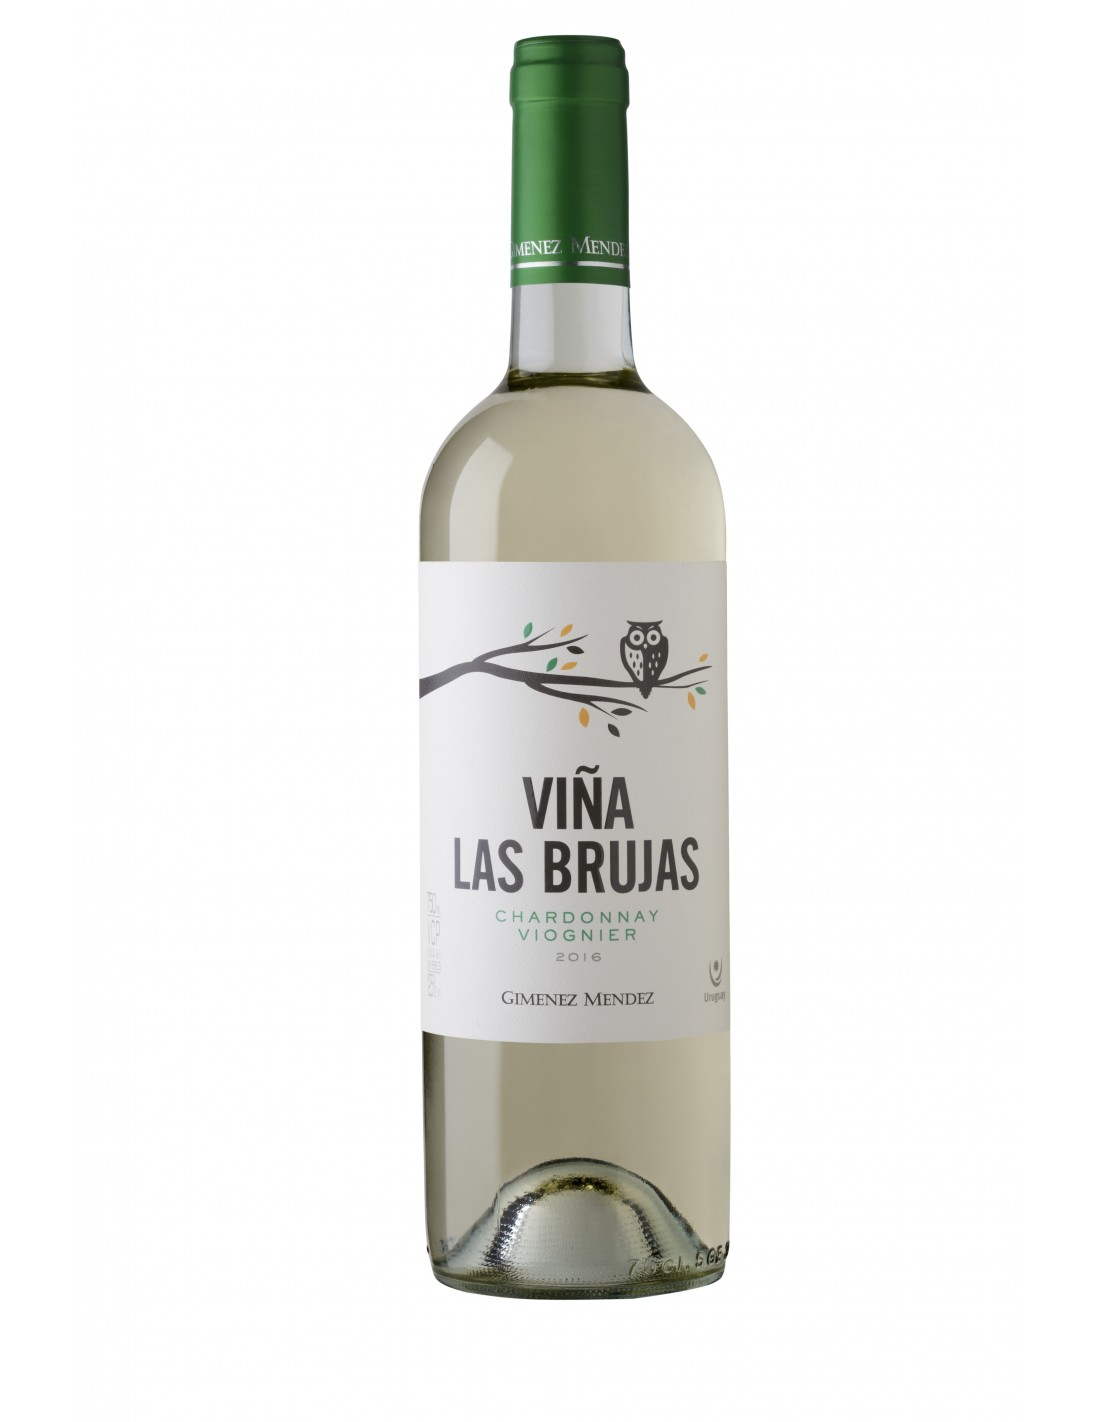 Vin alb, Chardonnay Viognier, Viña Las Brujas Canelones, 0.75L, 12.5% alc., Uruguay